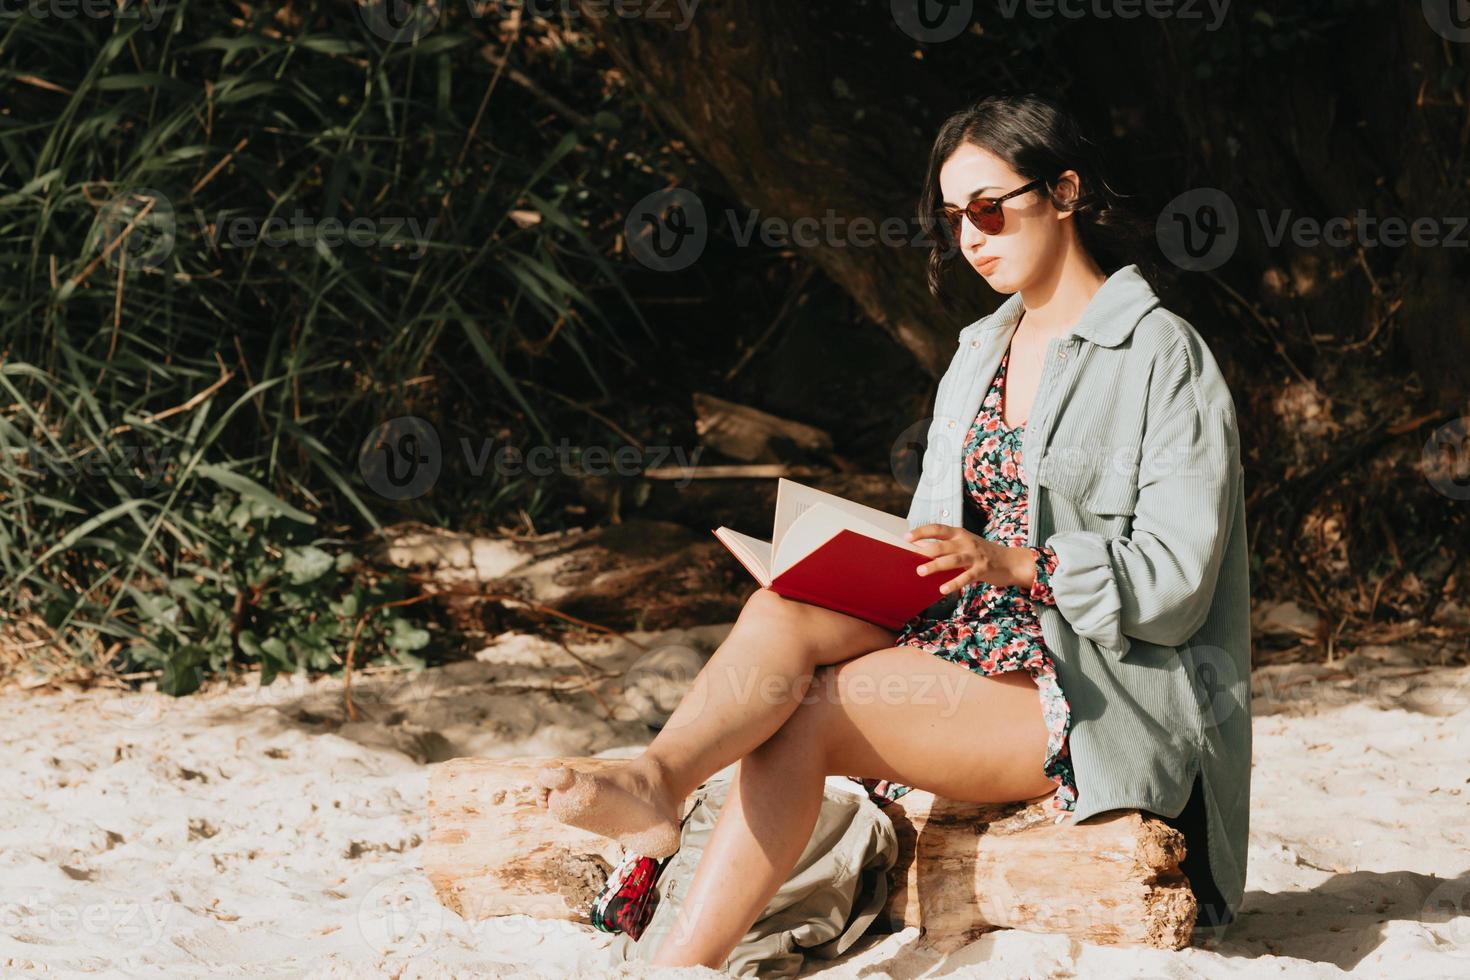 Jeune femme marocaine en vêtements modernes assis sur la plage en lisant un livre photo